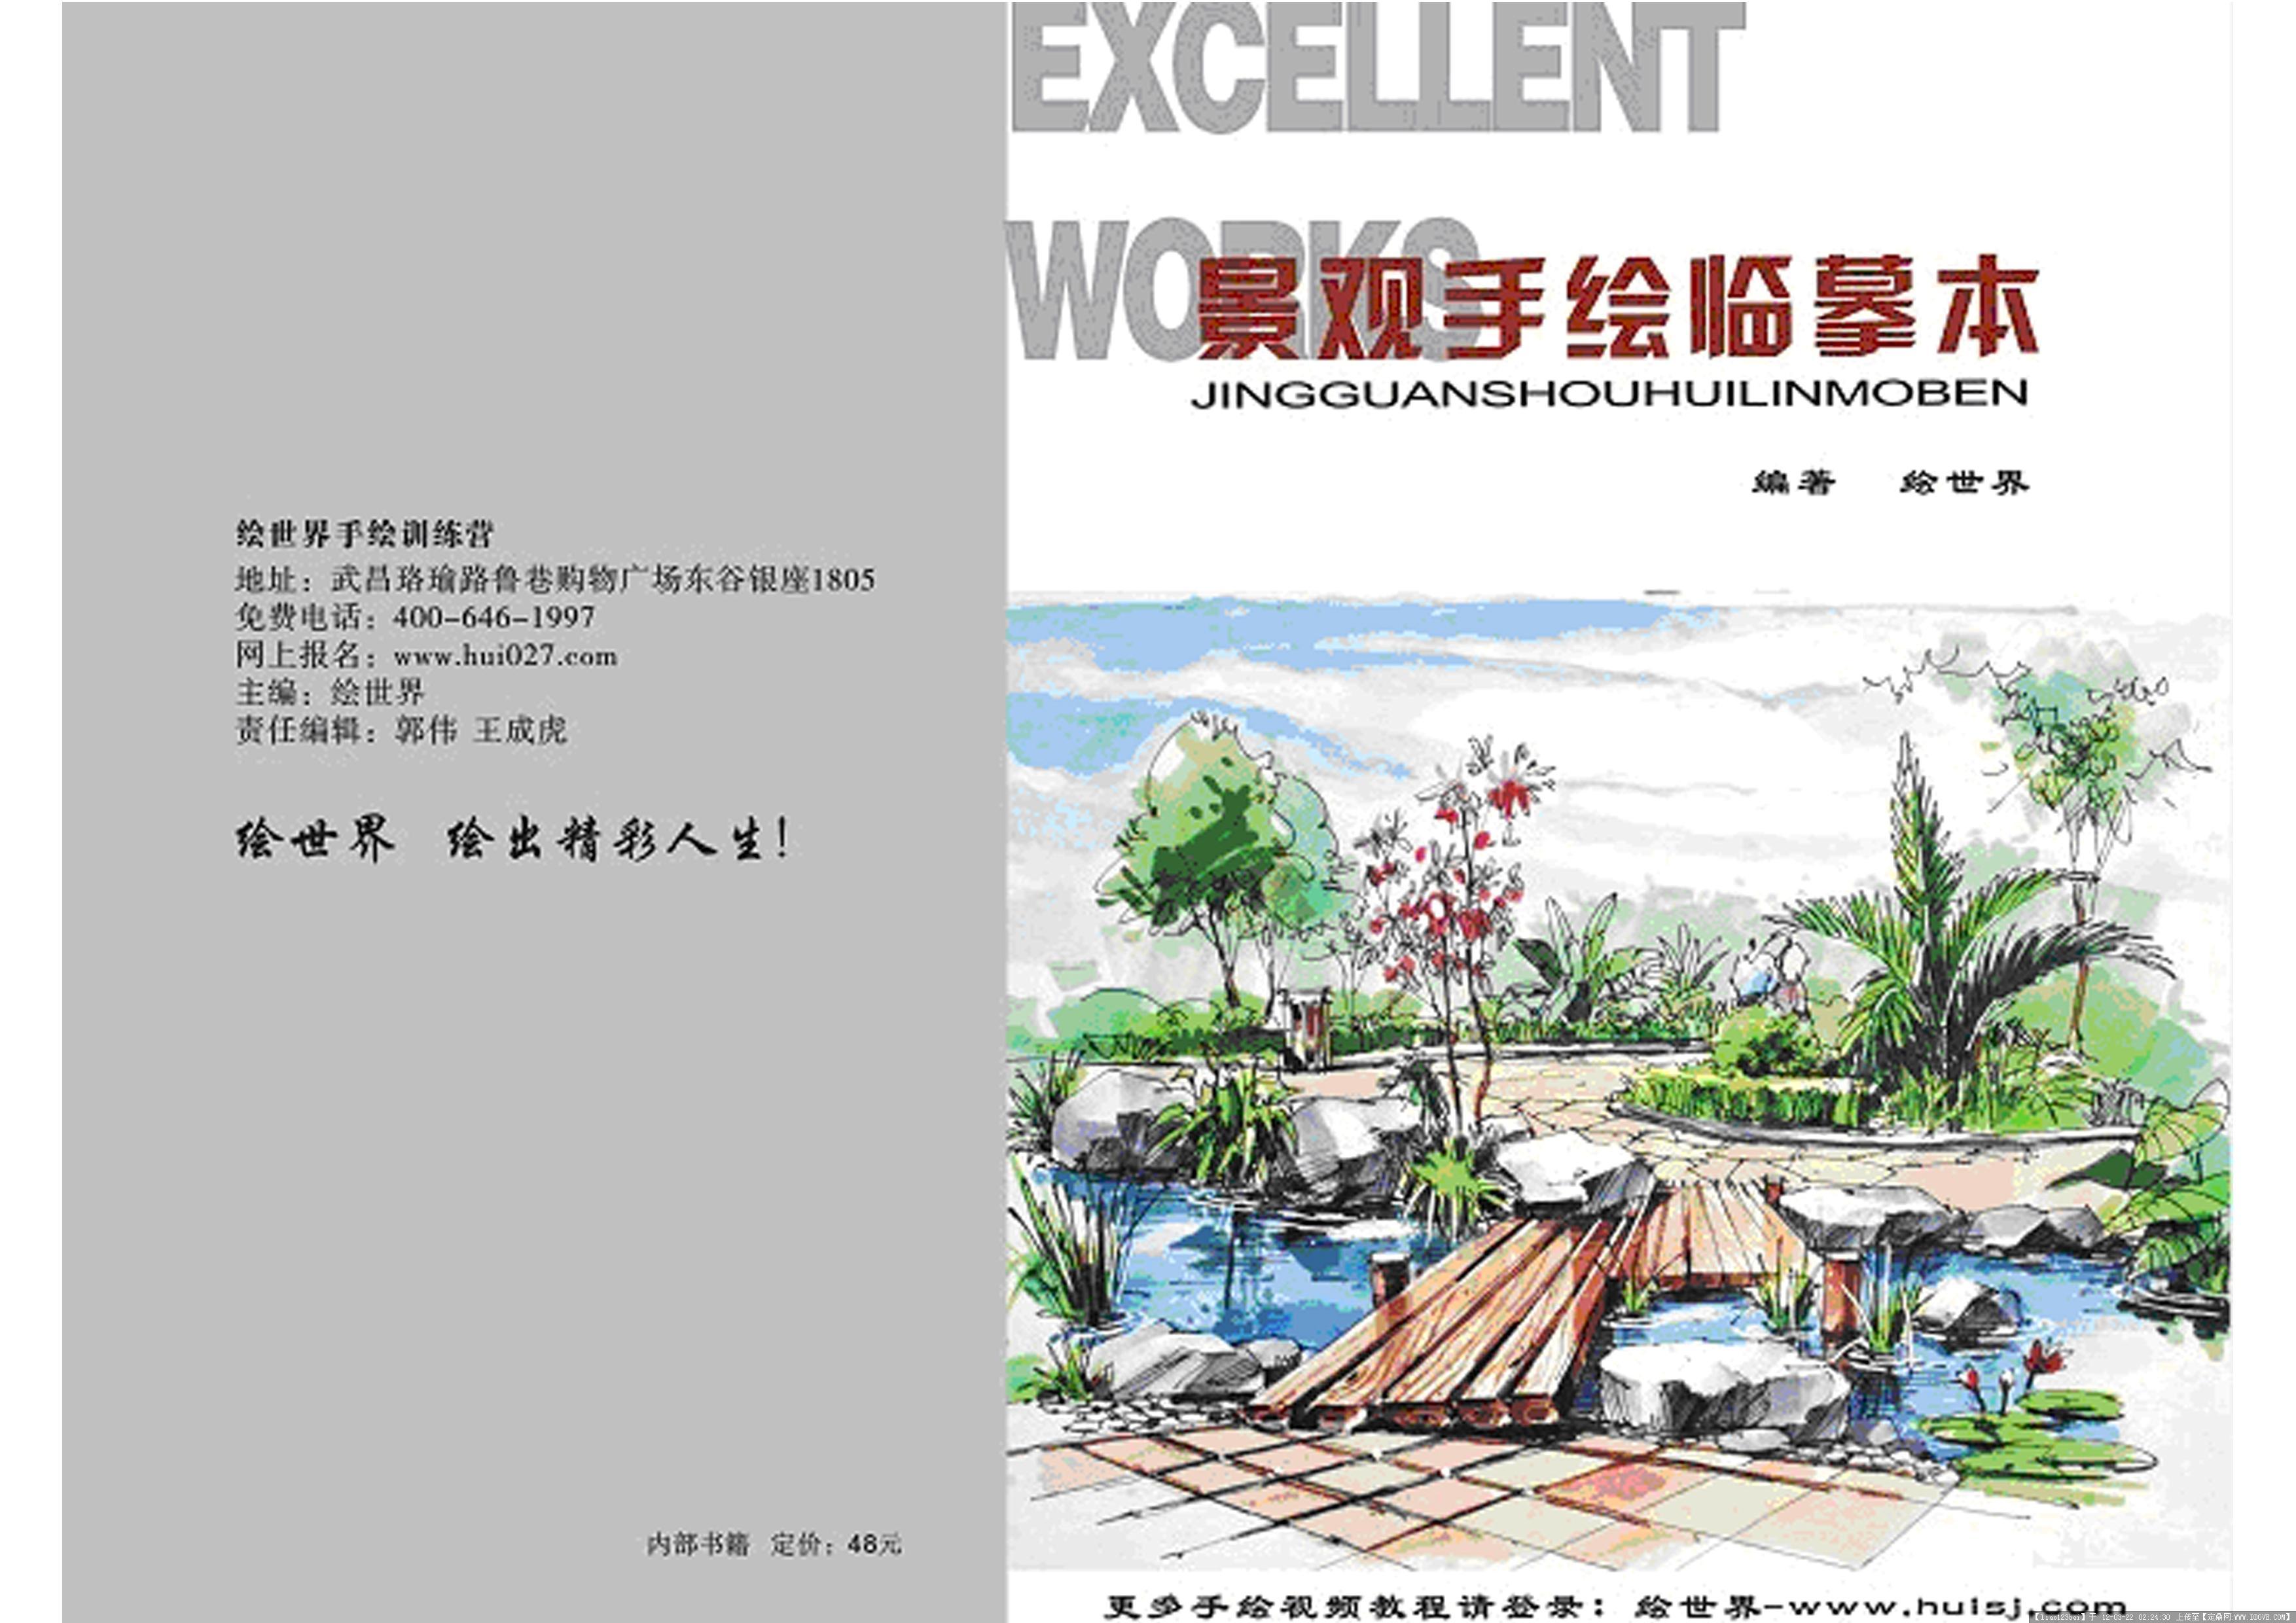 景观手绘临摹本-0封面.jpg 原始尺寸:3508 * 2480